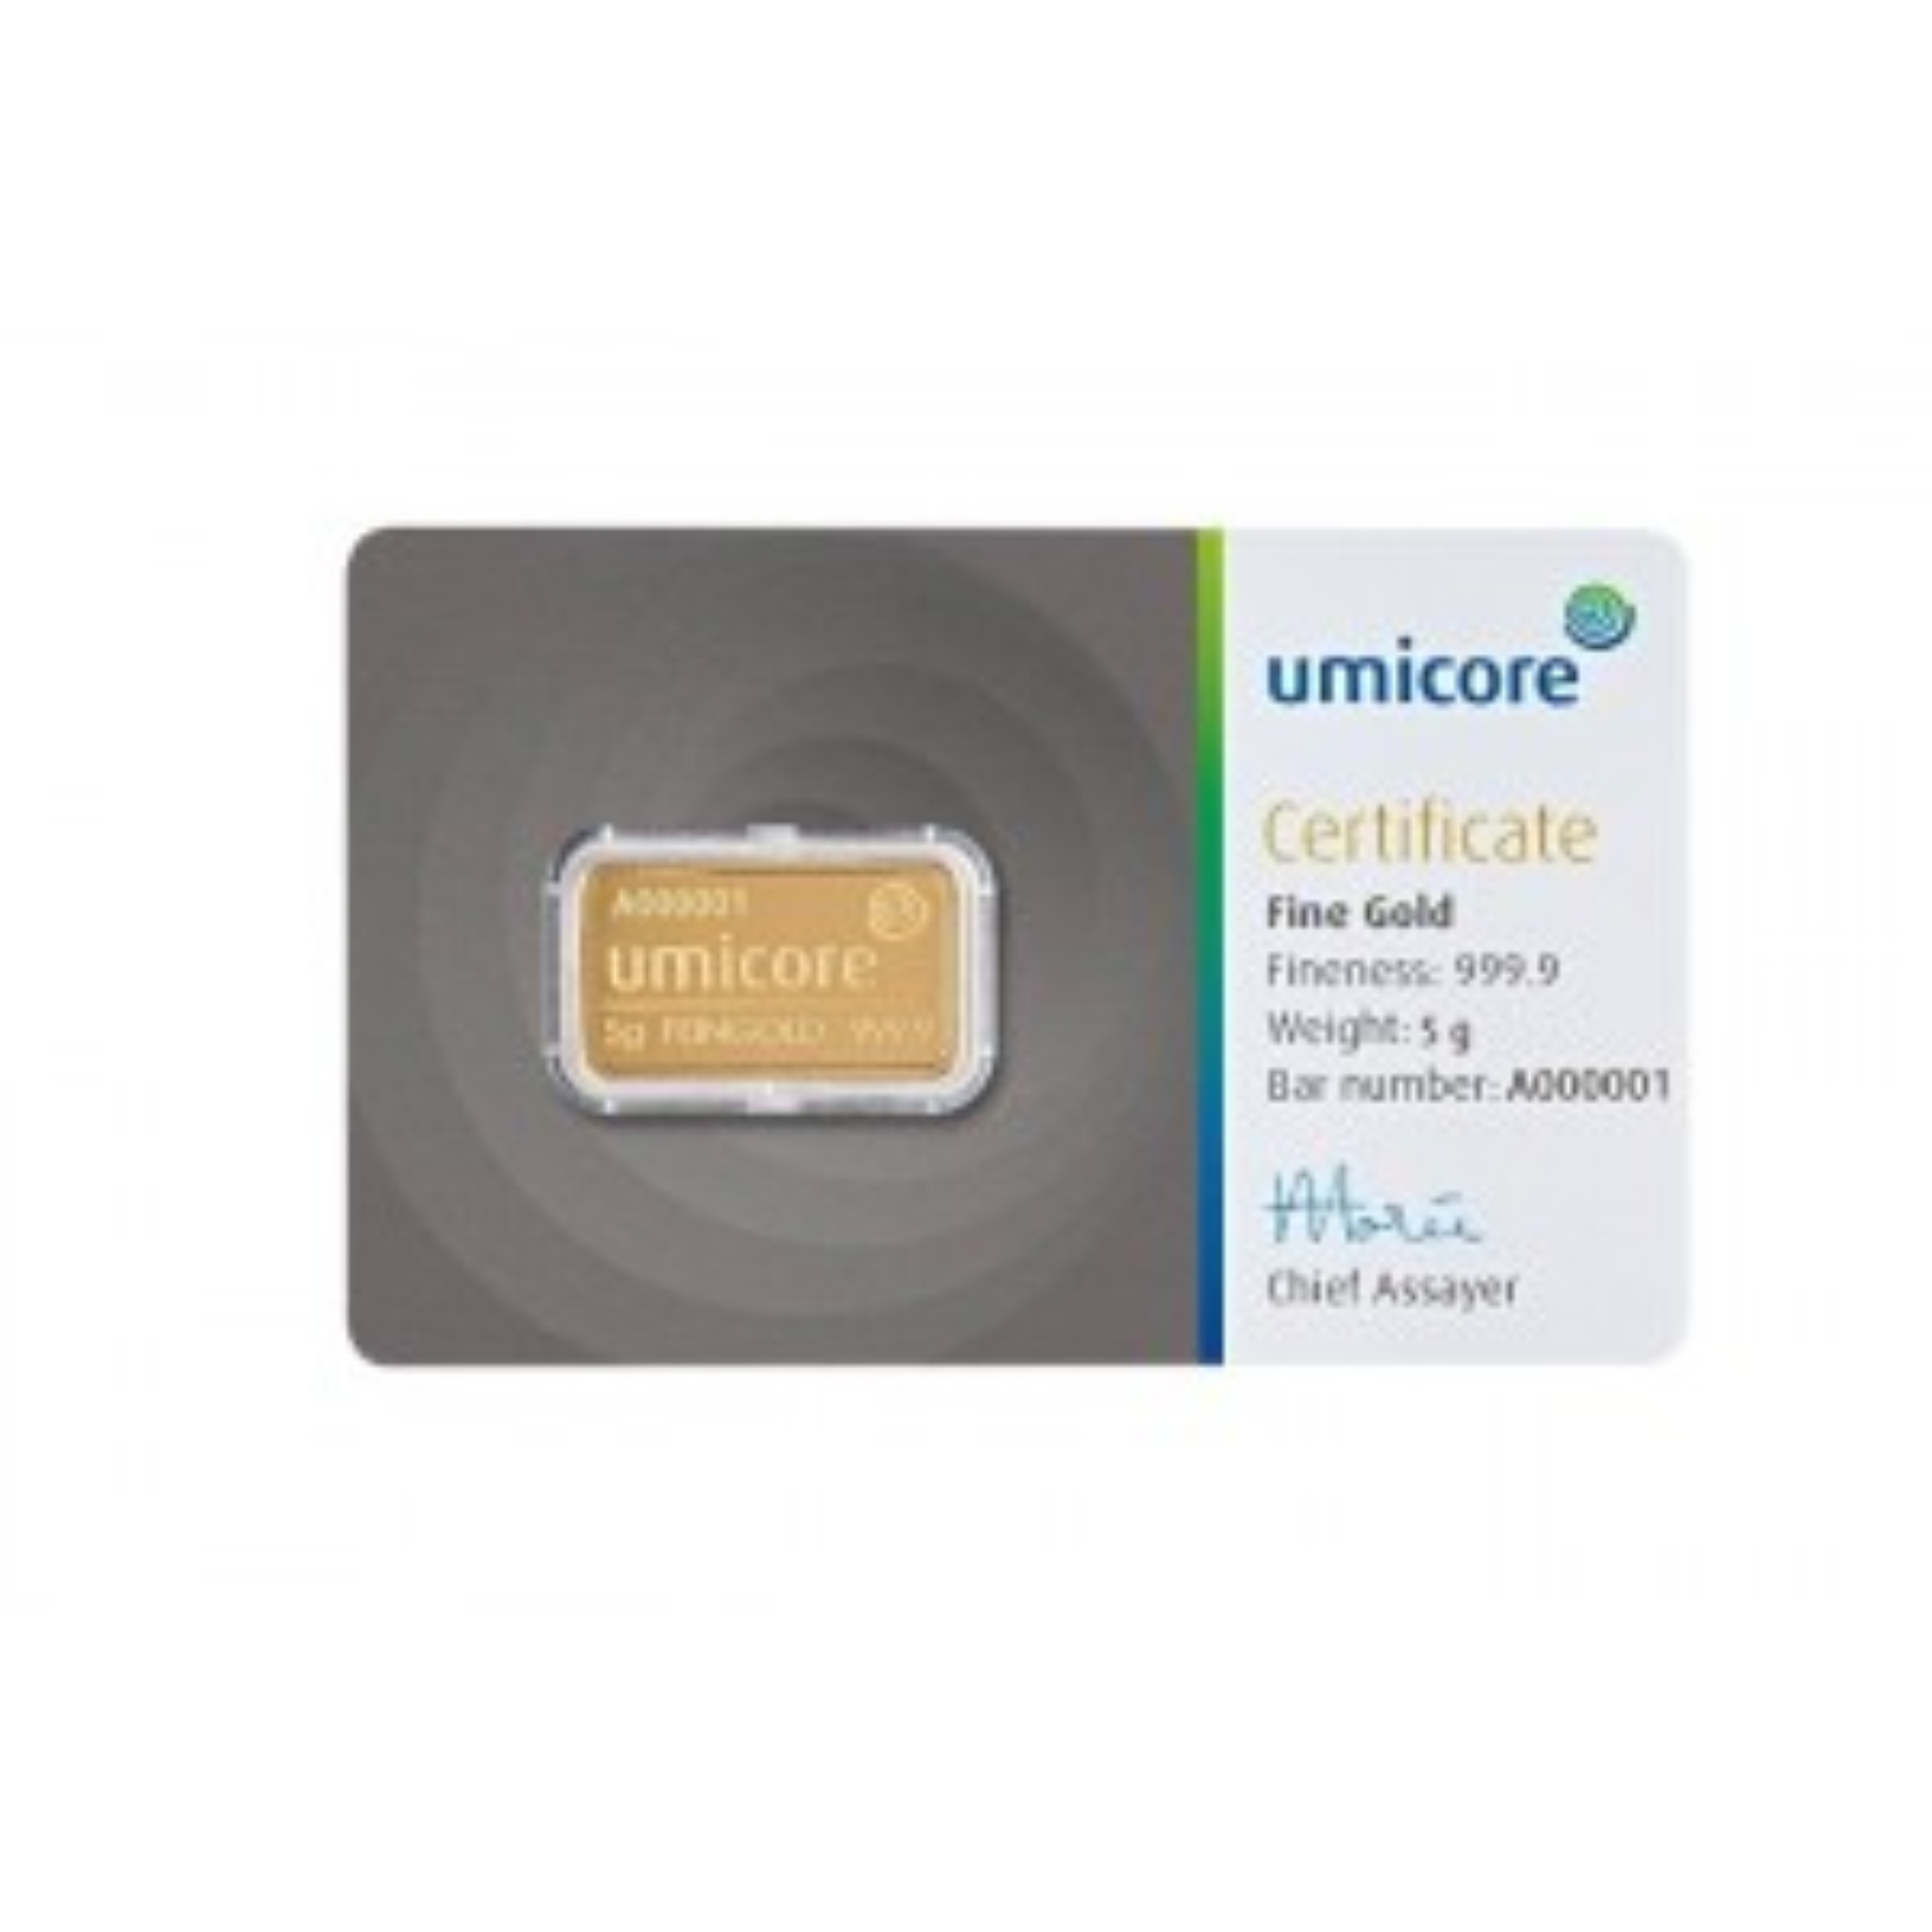 Goud baar 5 gram Umicore met certificaat